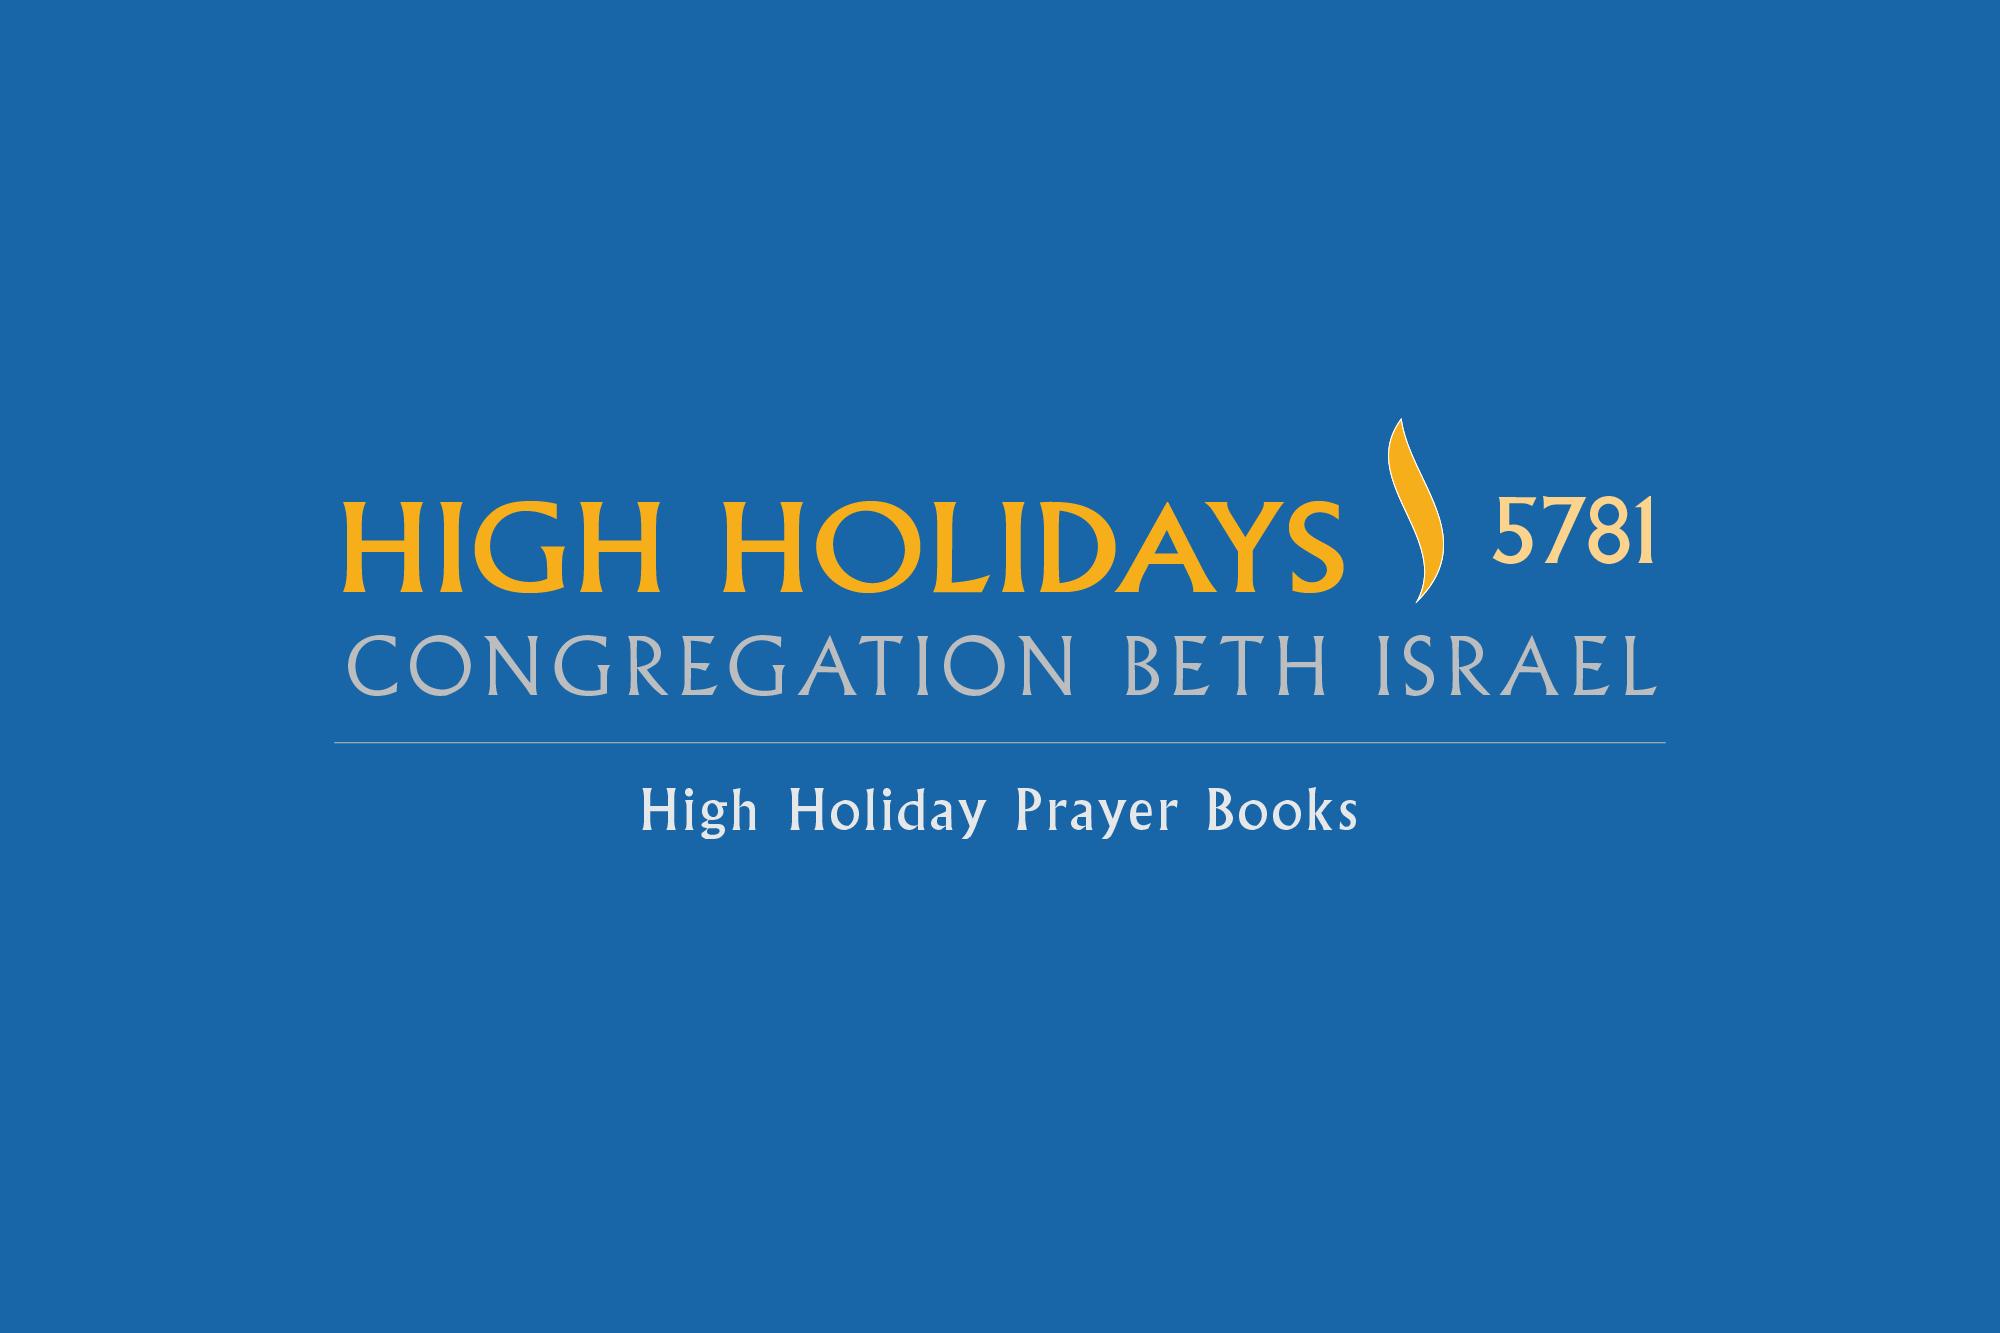 High Holidays 5781 | Prayer Books